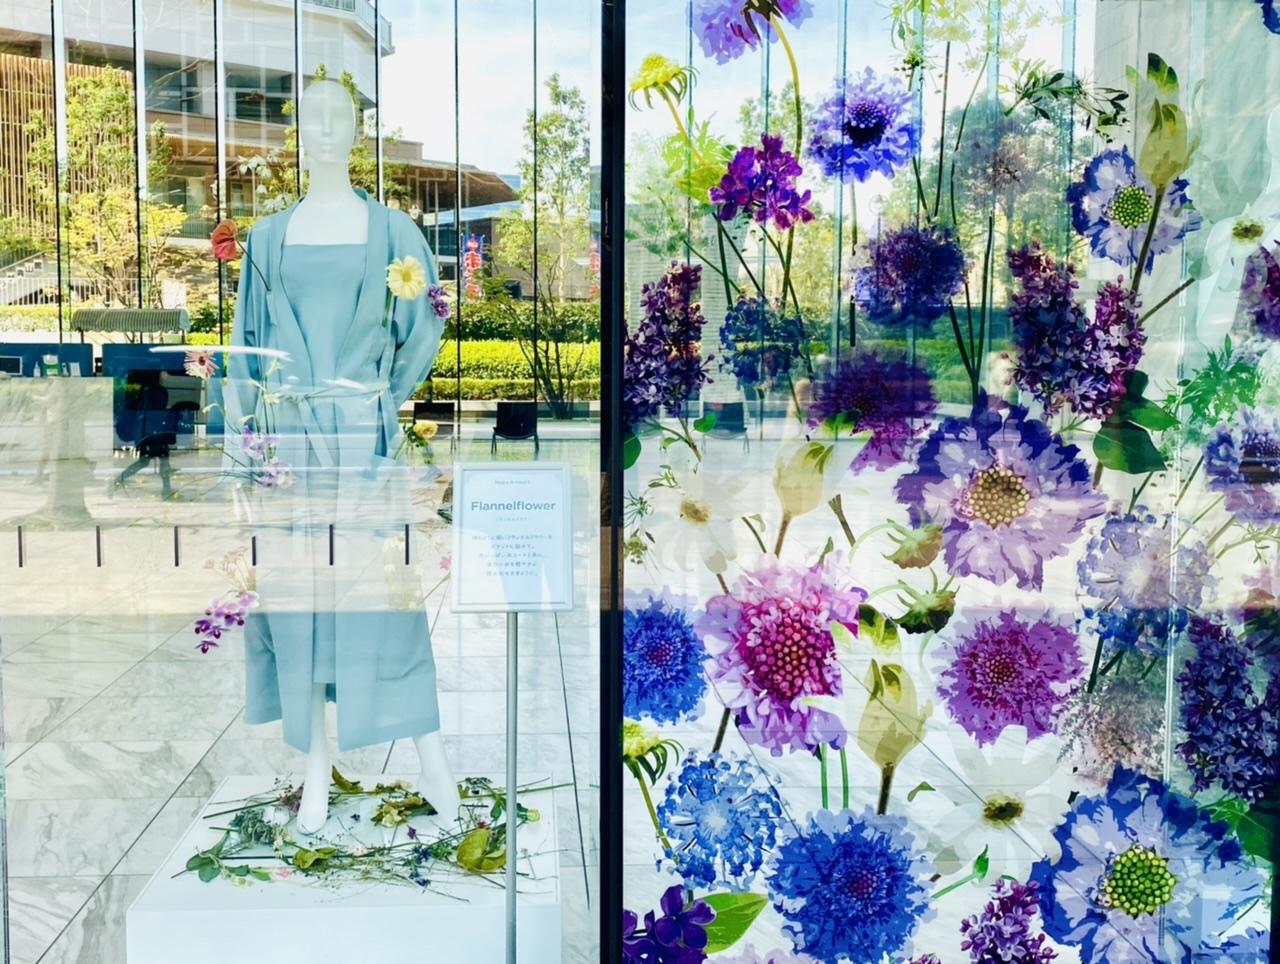 【ロスフラワーアート展】花のドレスが圧巻!春の花束フラワーショップもOPEN♡_6